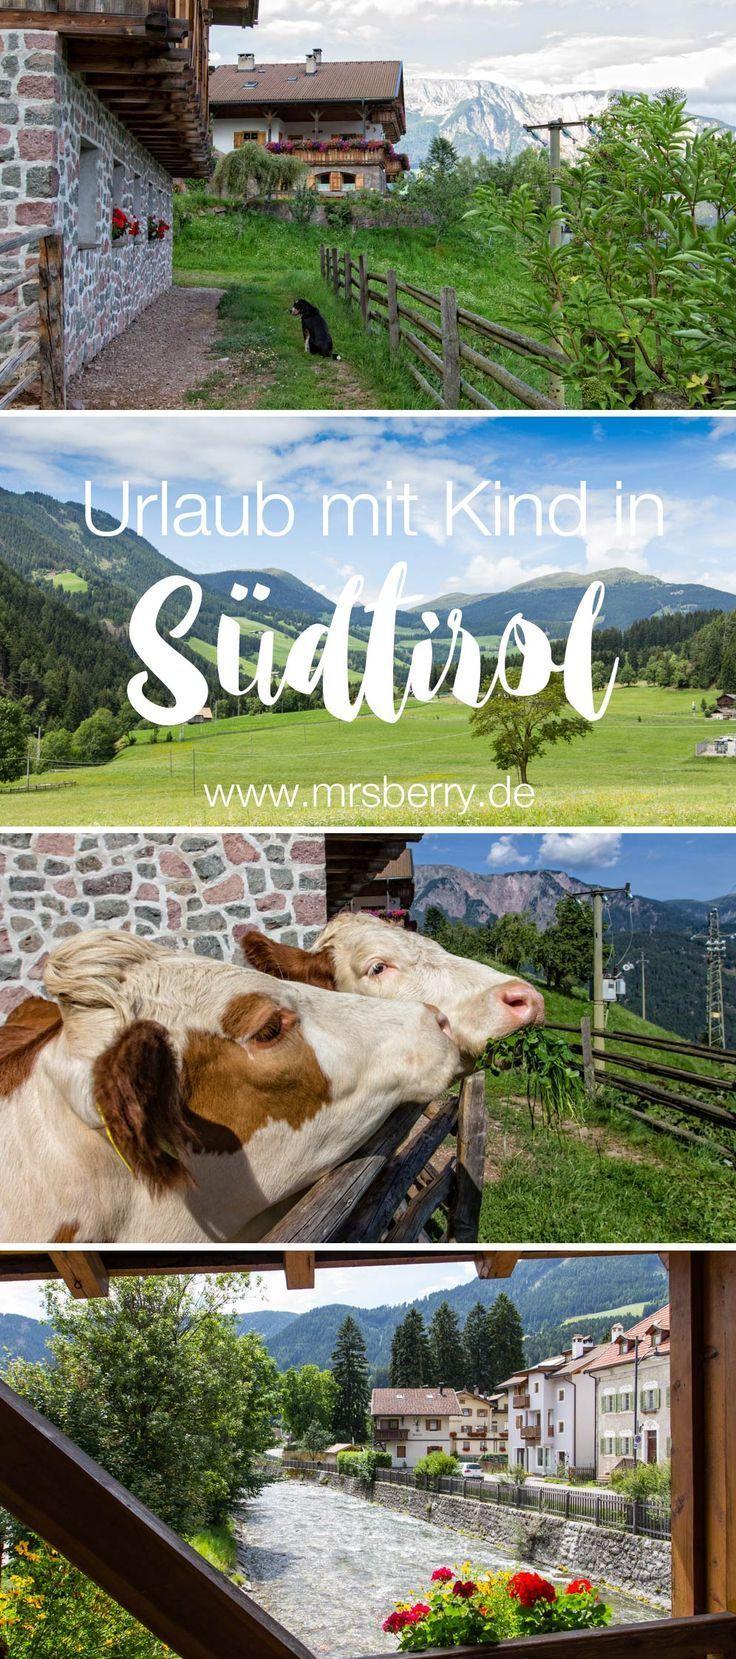 Urlaub in [Italien] mit Kind. Wunderbare Bedingungen für einen Familienurlaub auf dem Bauernhof gibt's im wunderschönen Sarntal in Südtirol. | MrsBerry Familien- & Reiseblog http://mrsberry.de